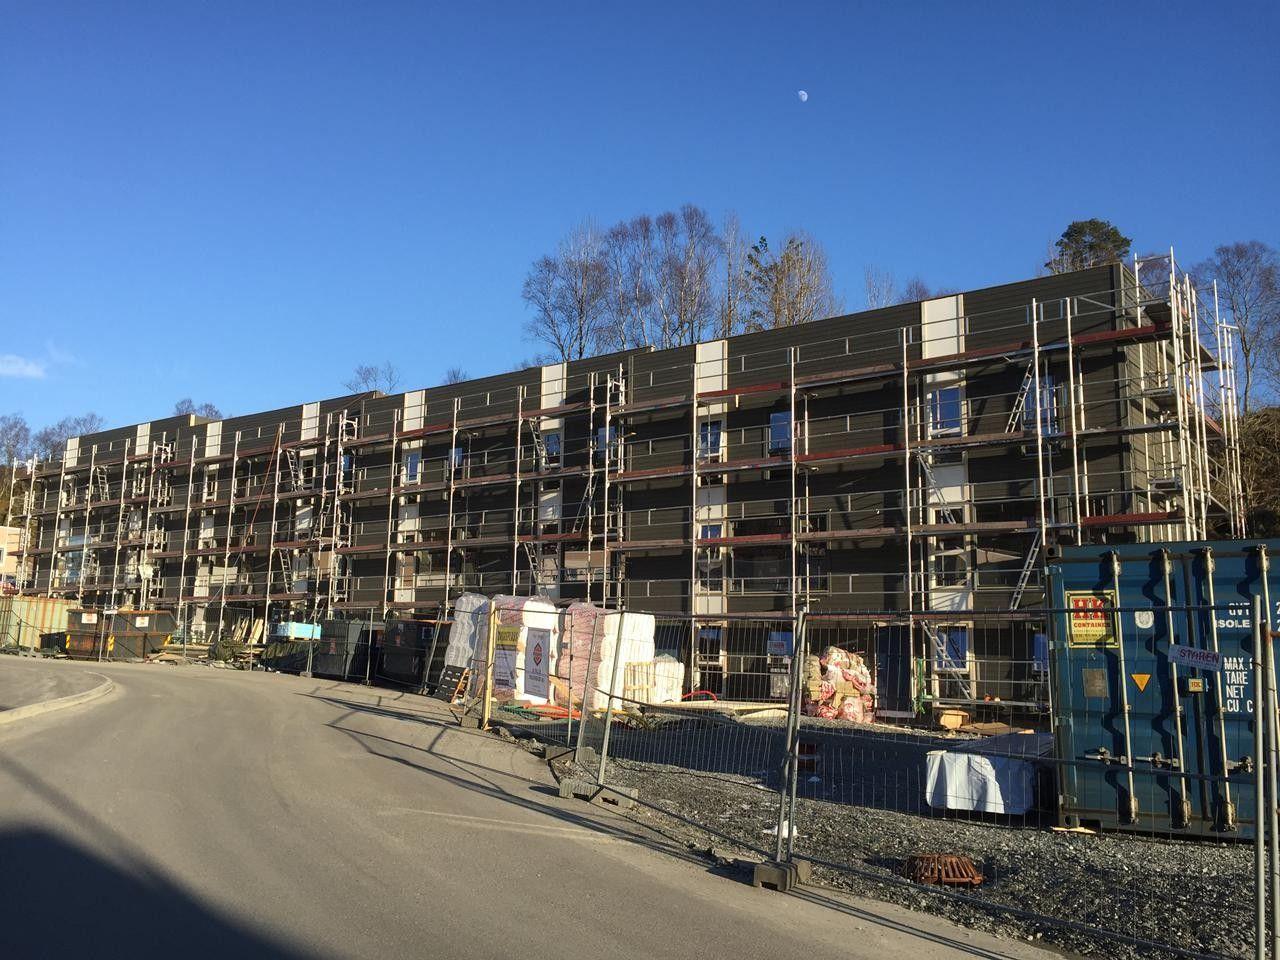 SÆDALEN  INNFLYTTING 3. kvartal 2017 - 8 nye rekkehus med stor takterrasse - Kun 3 igjen!